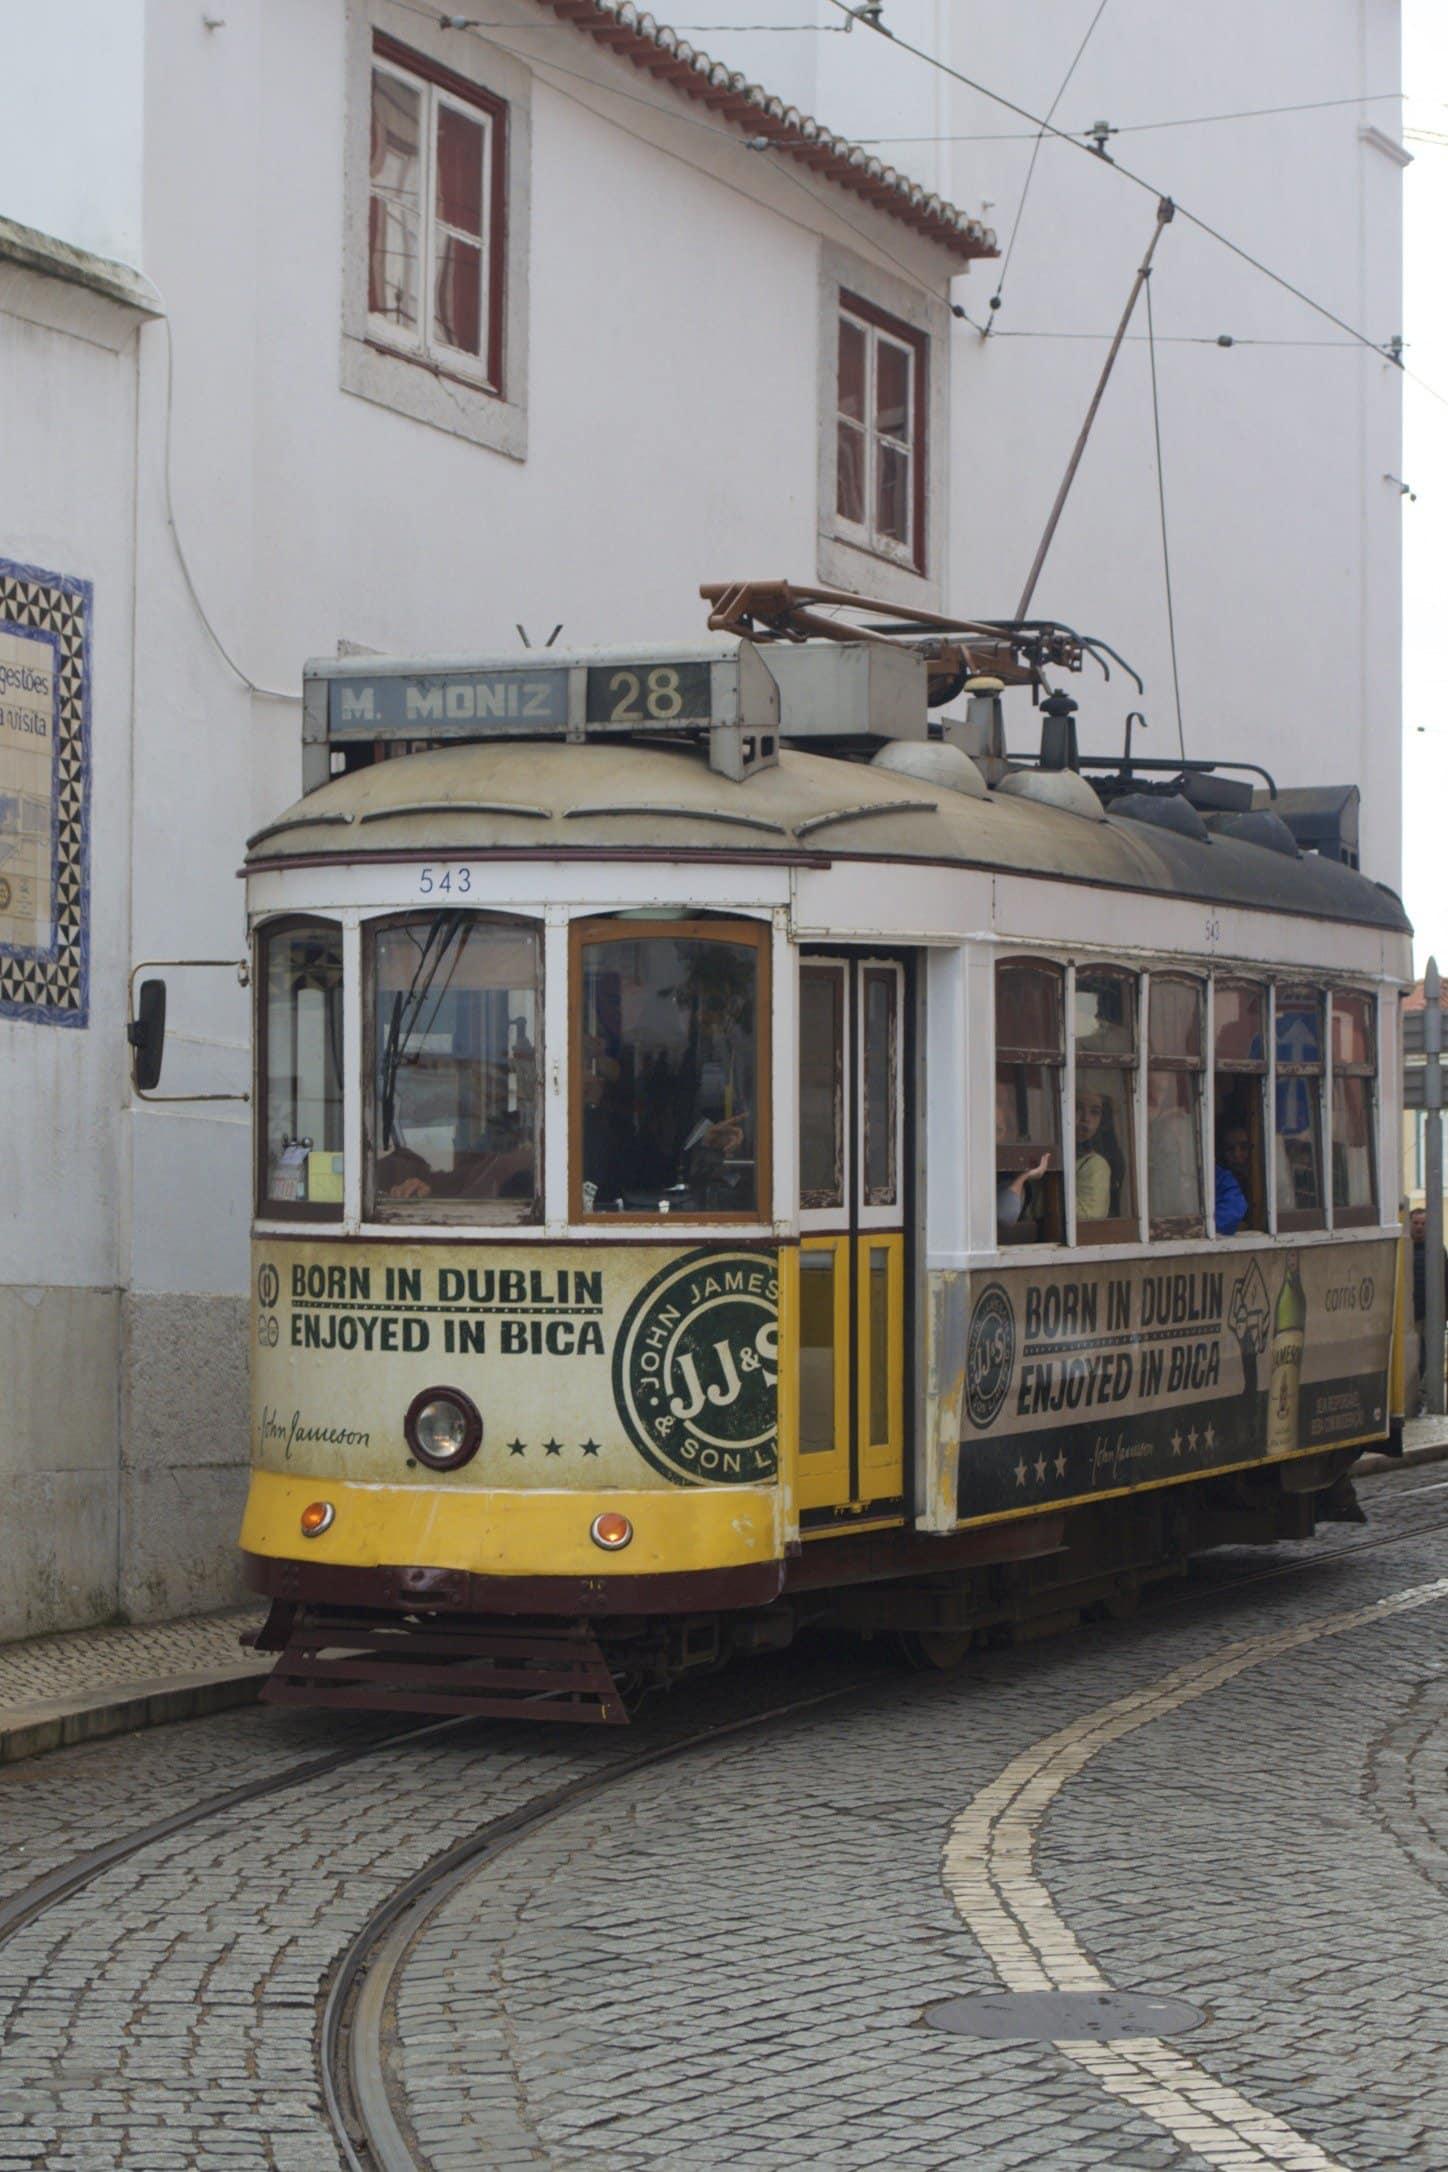 Tram Nr. 28